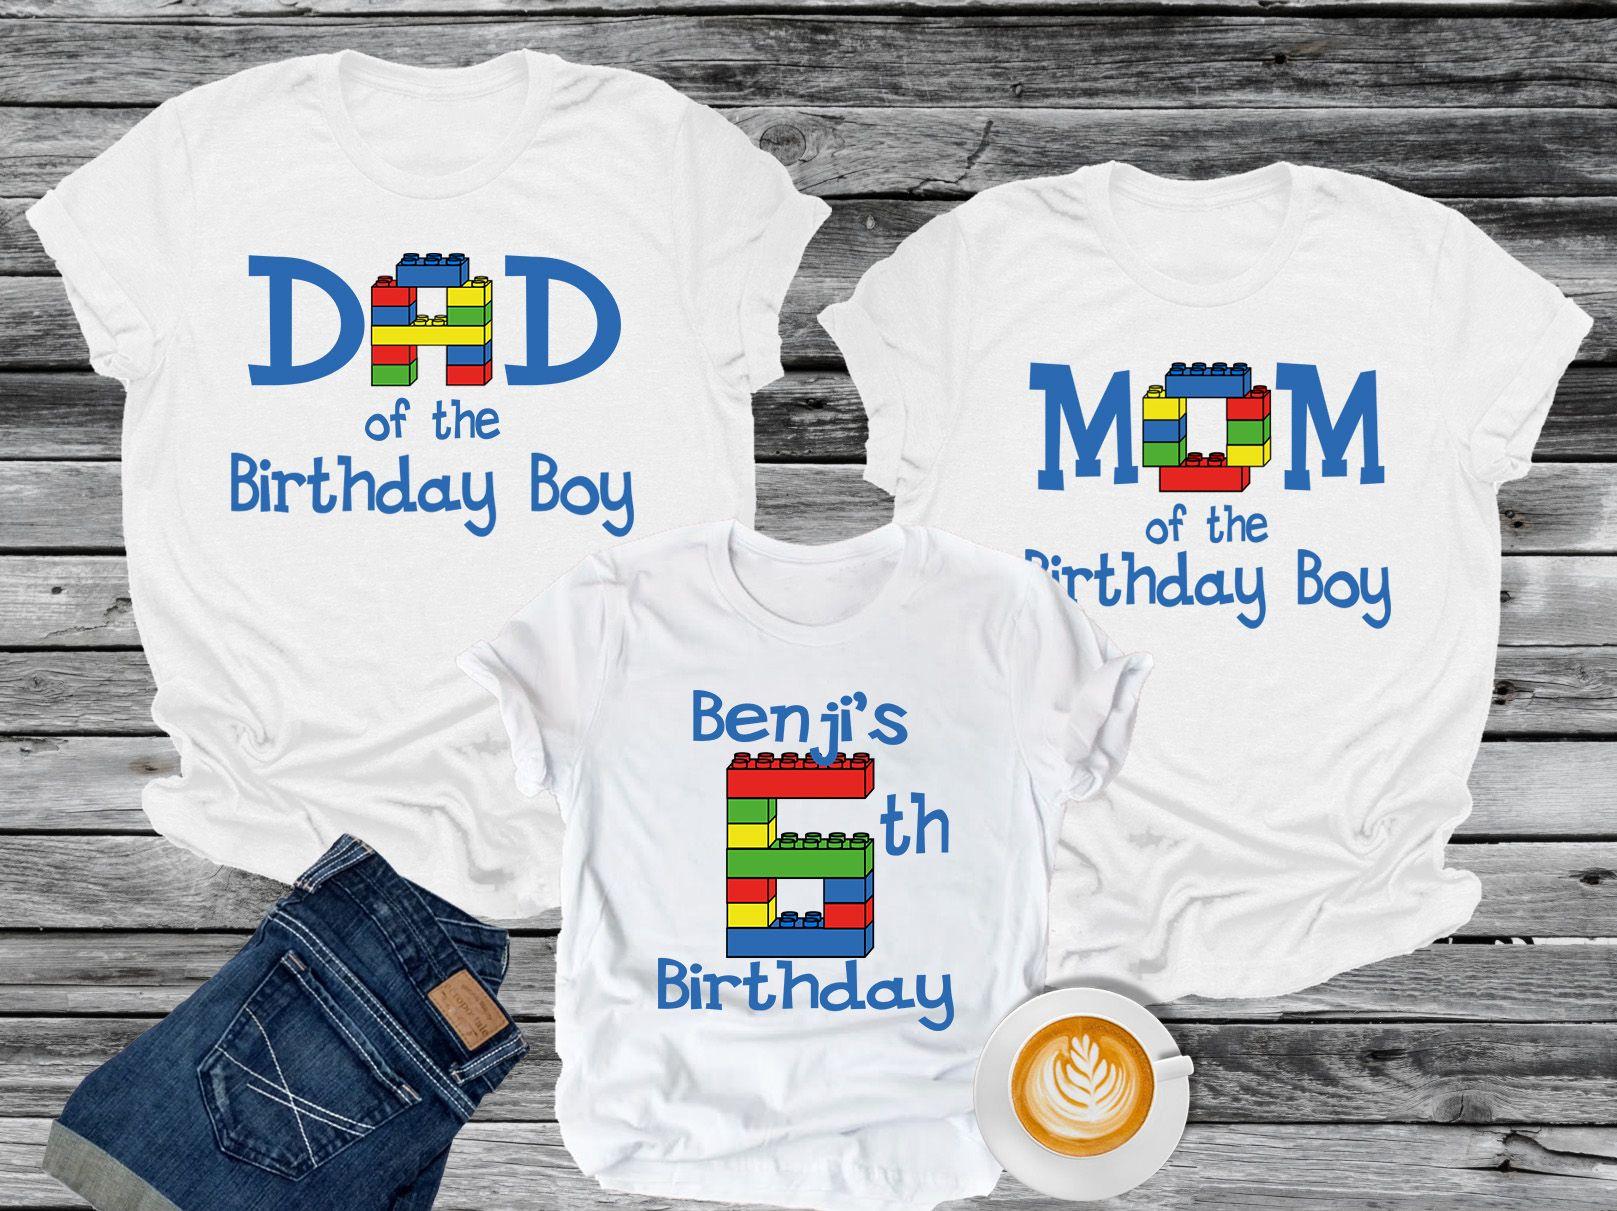 Family Birthday Shirts. Lego Star Wars Birthday Party Boy Shirt